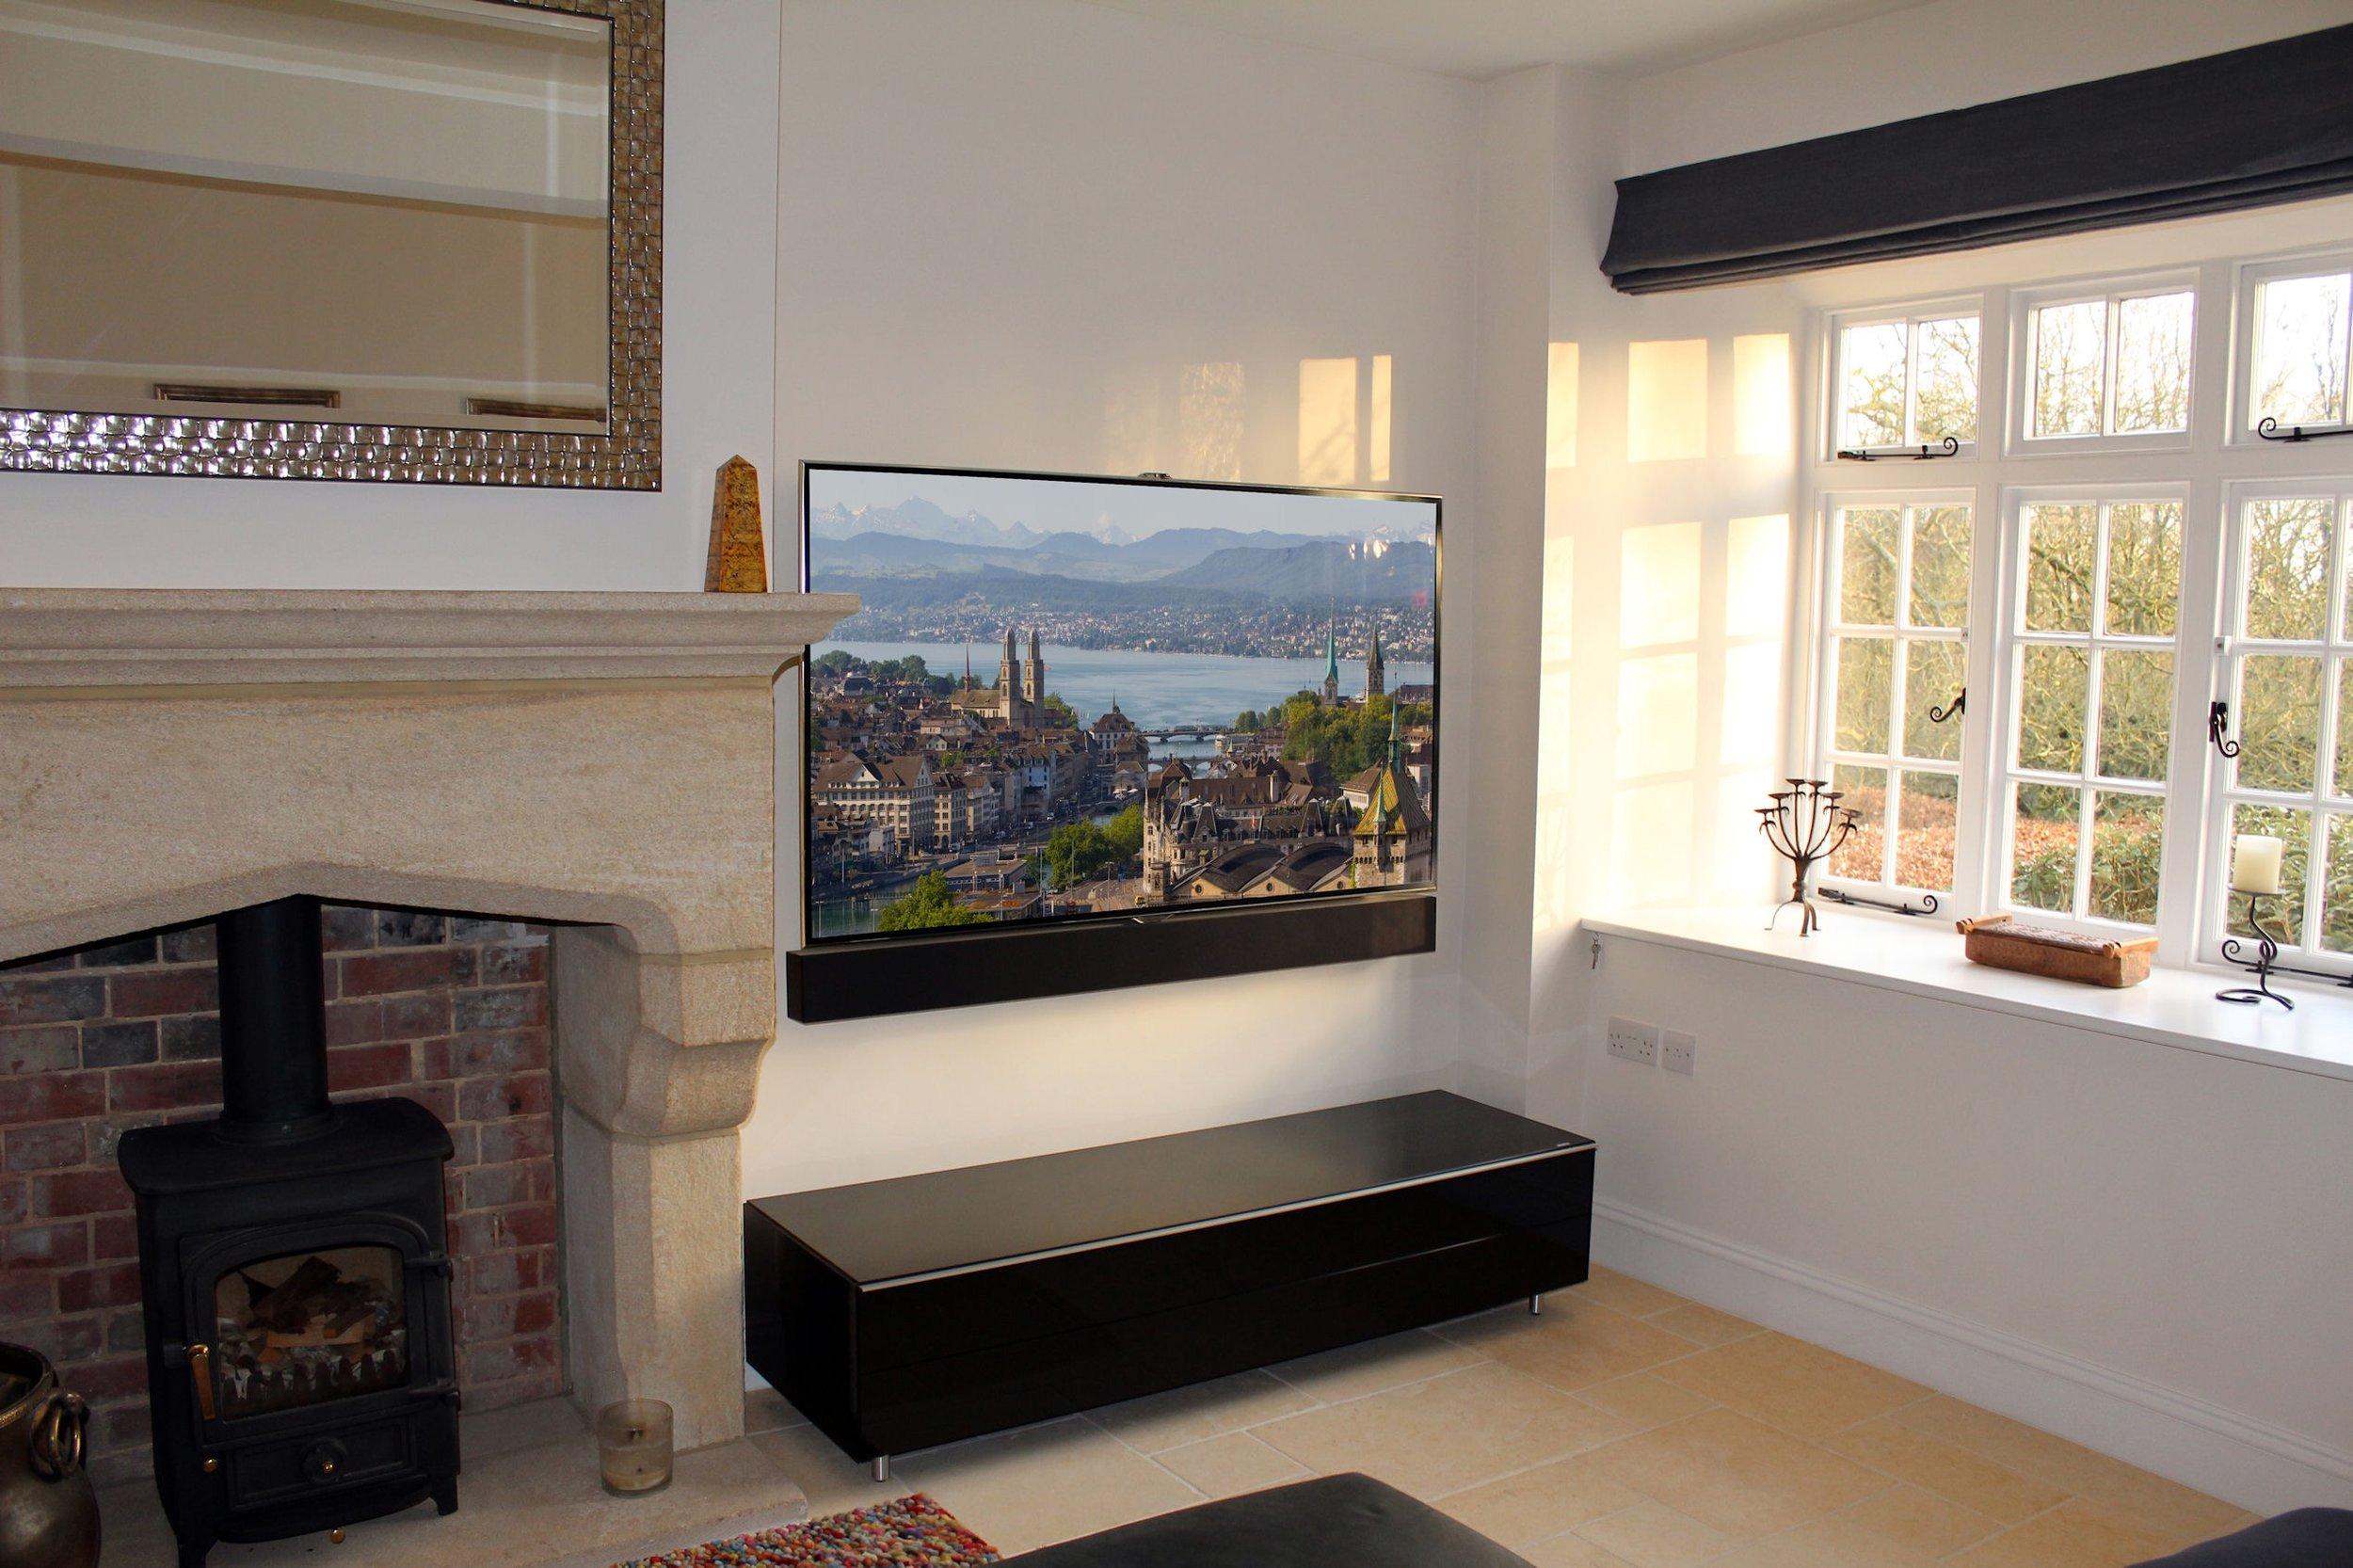 TV Room resize.jpg